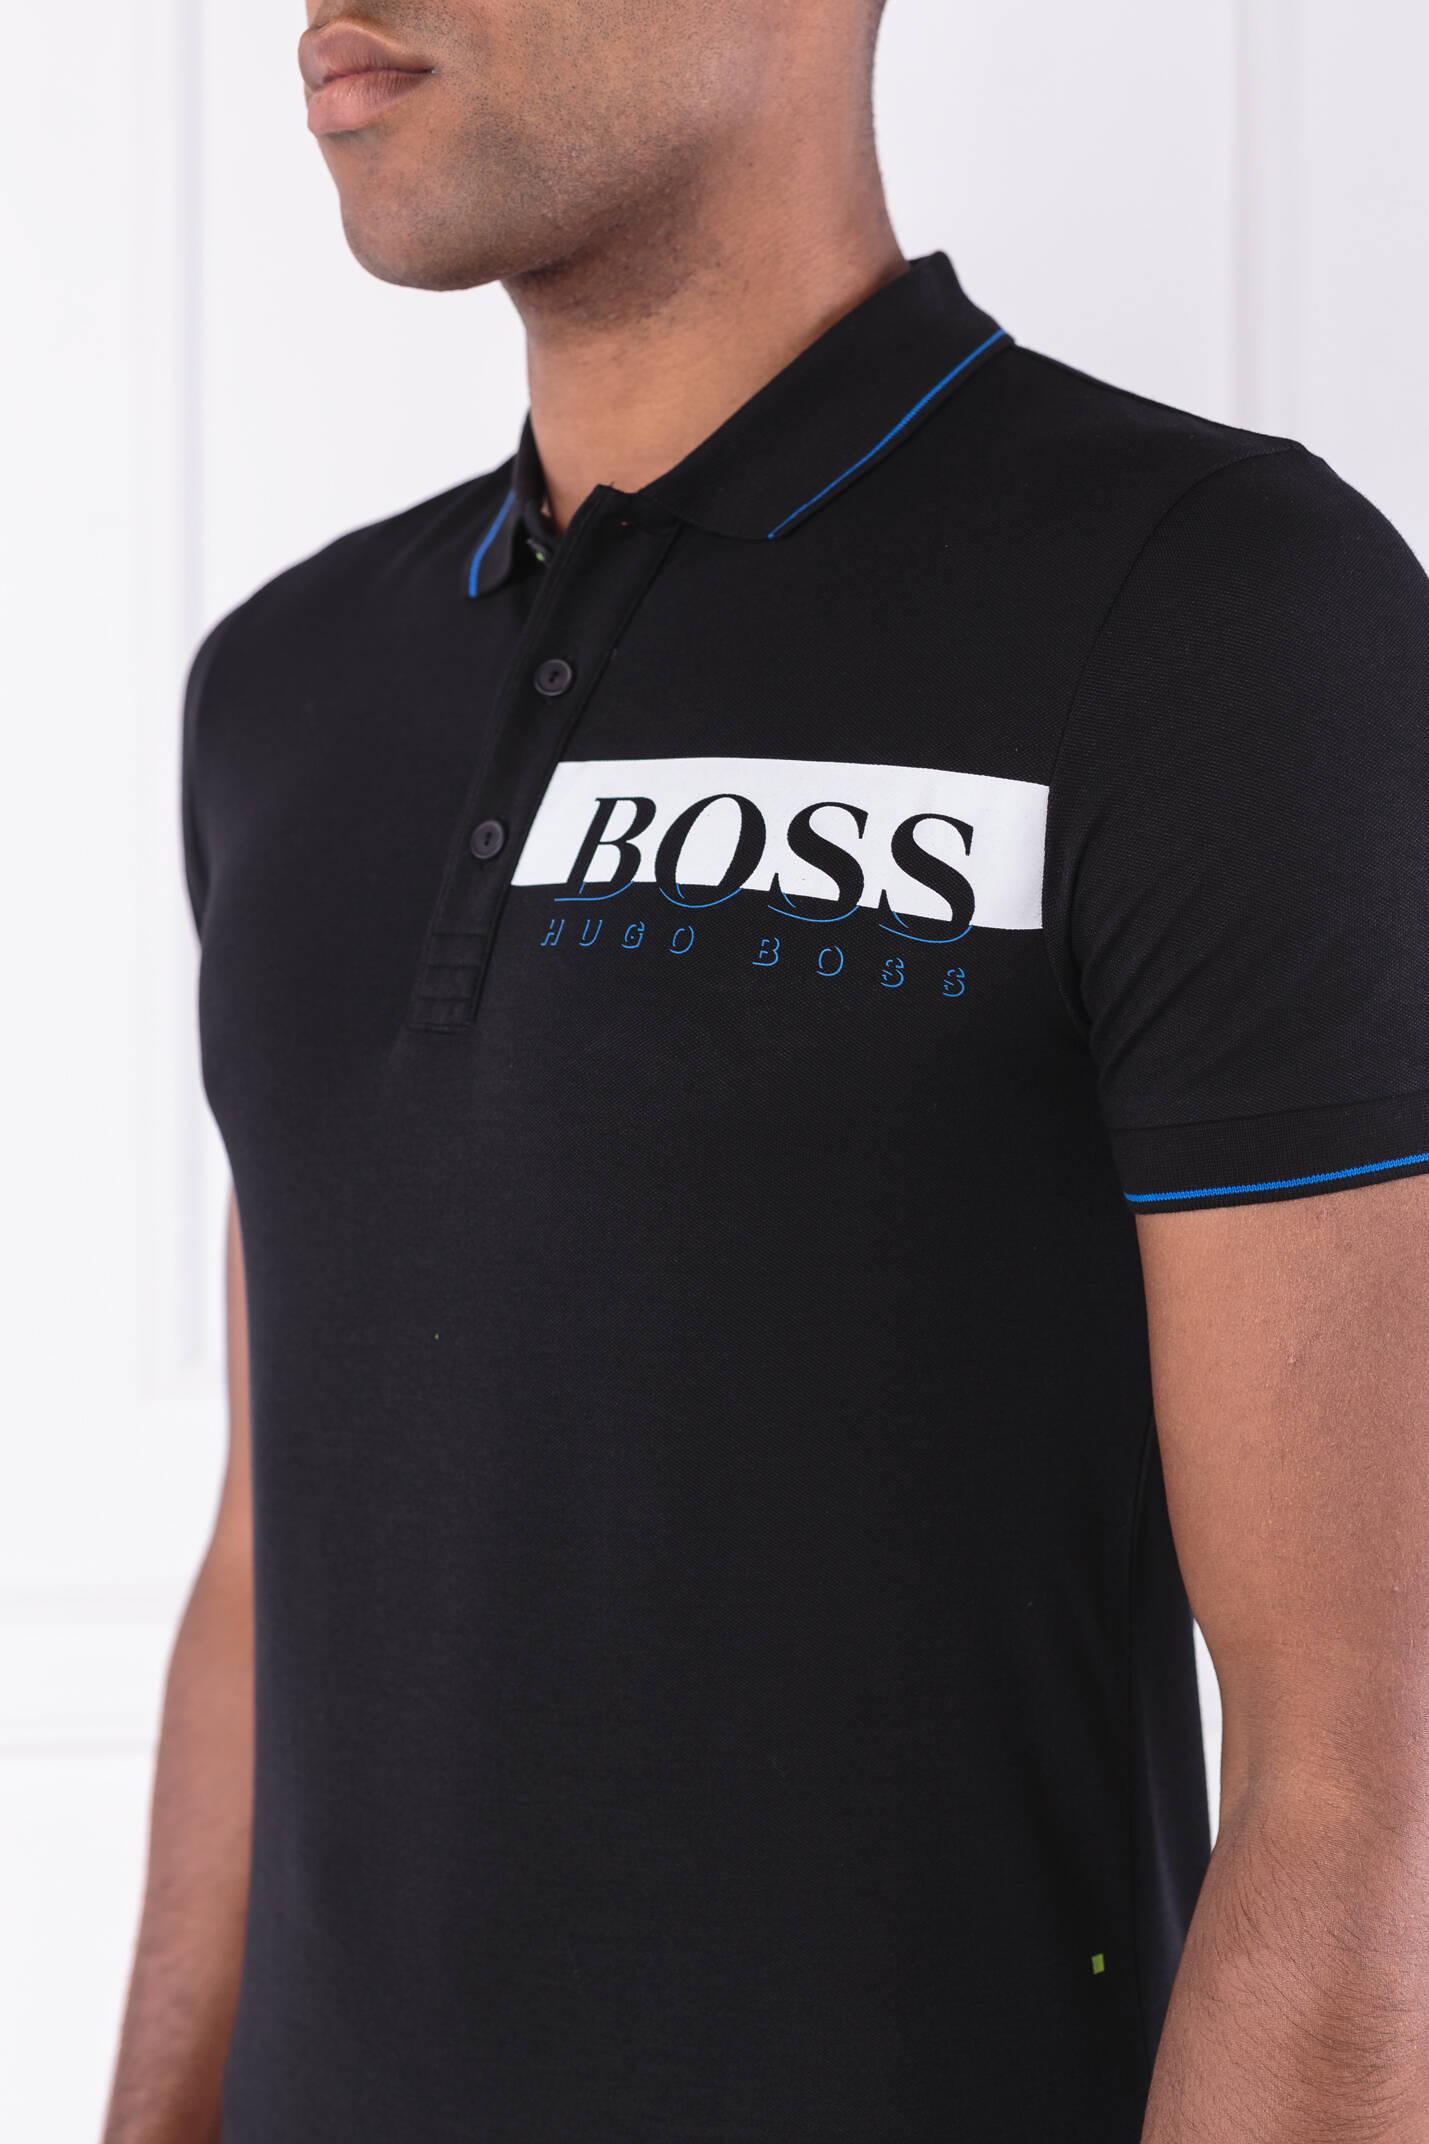 084659ed7 Polo Paule pro | Slim Fit Boss Athleisure | Black | Gomez.pl/en